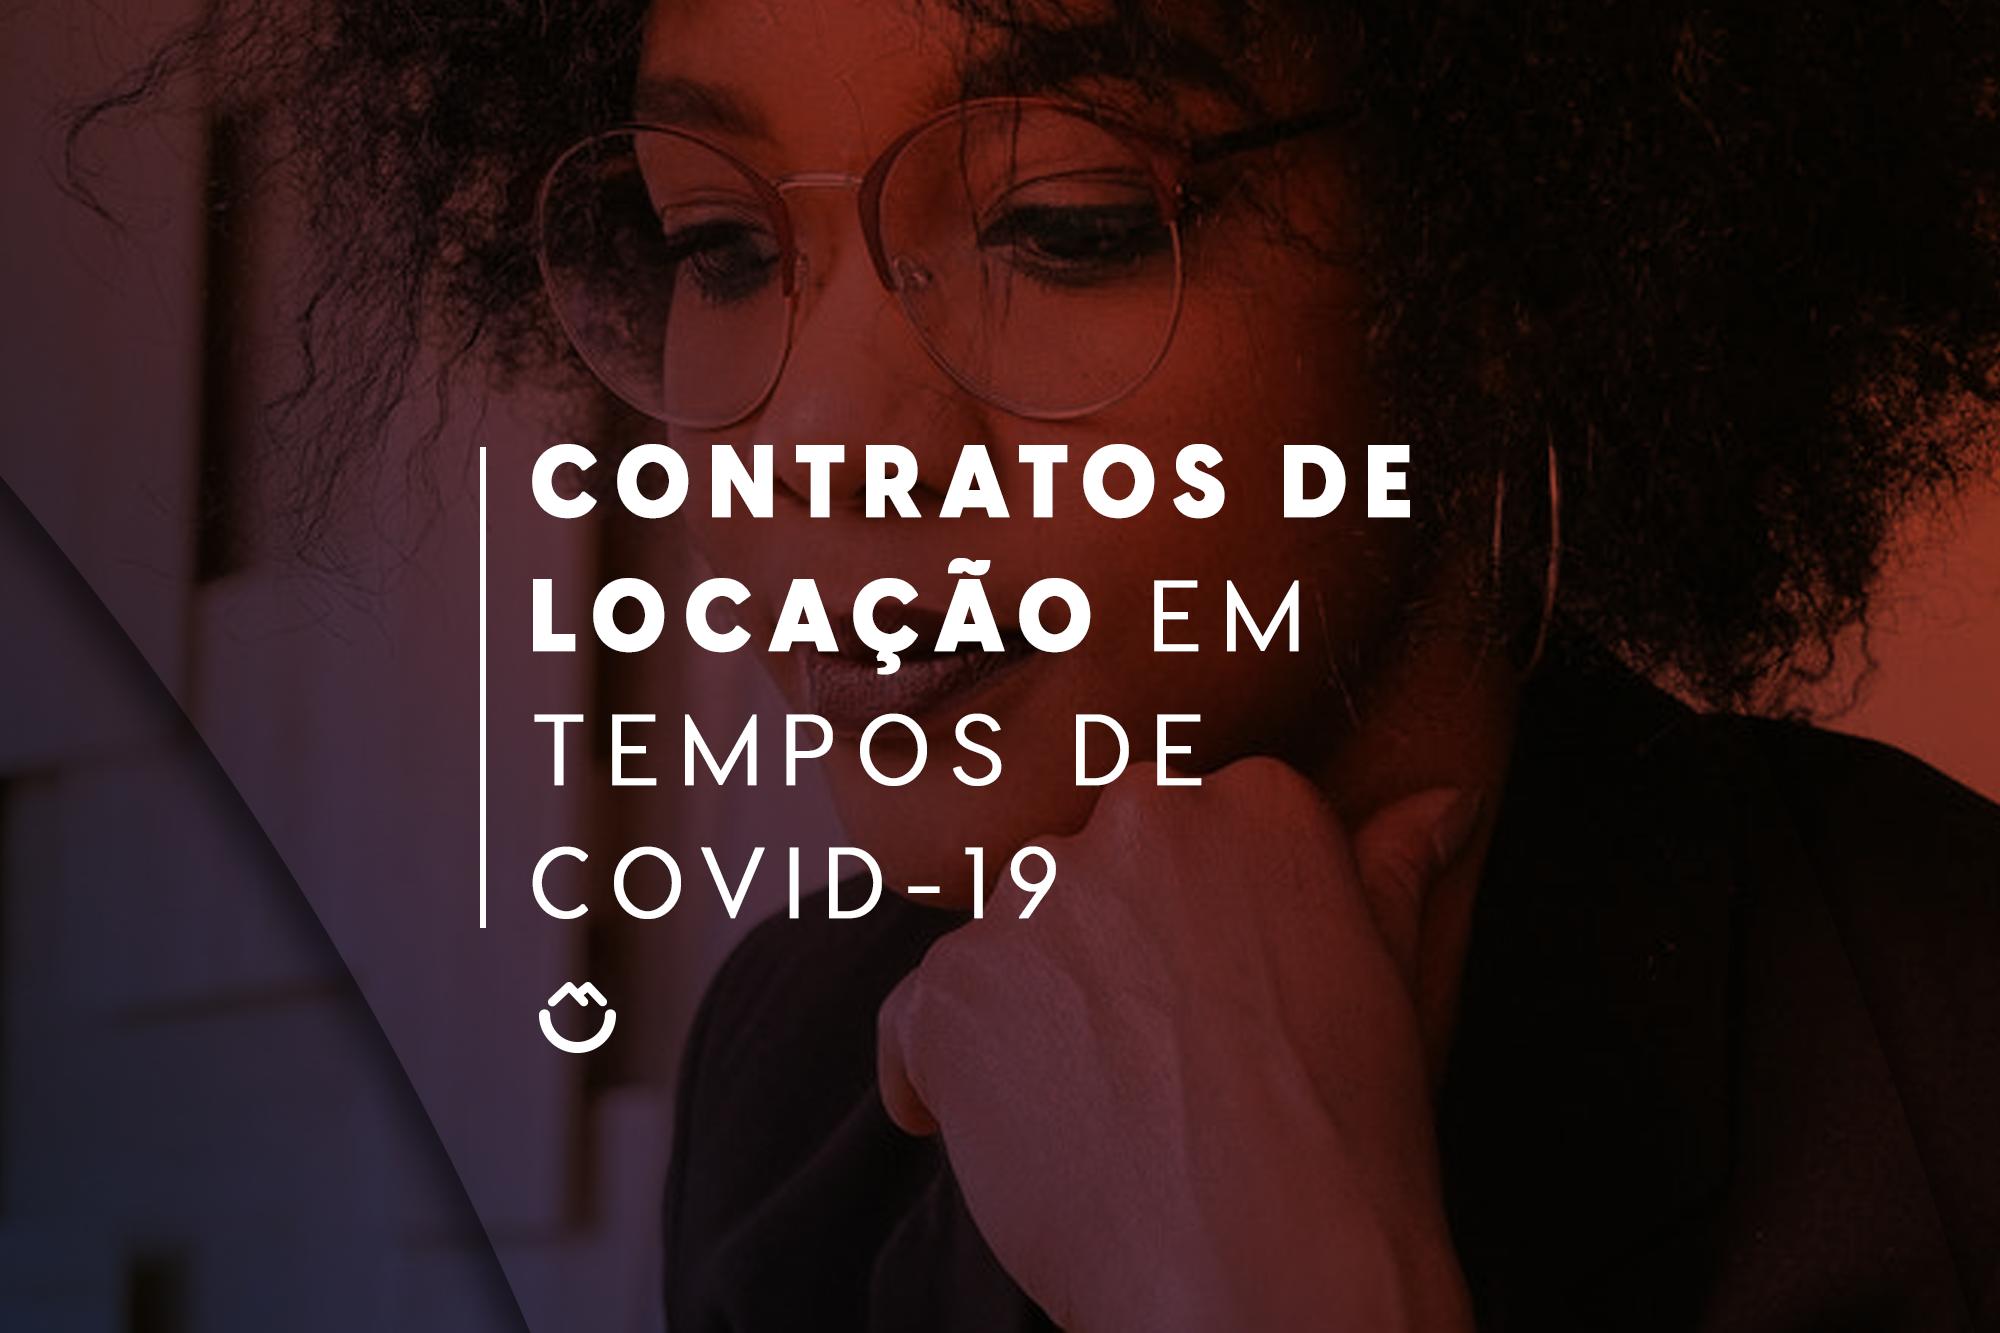 CONTRATOS DE LOCAÇÃO EM TEMPOS DE COVID-19